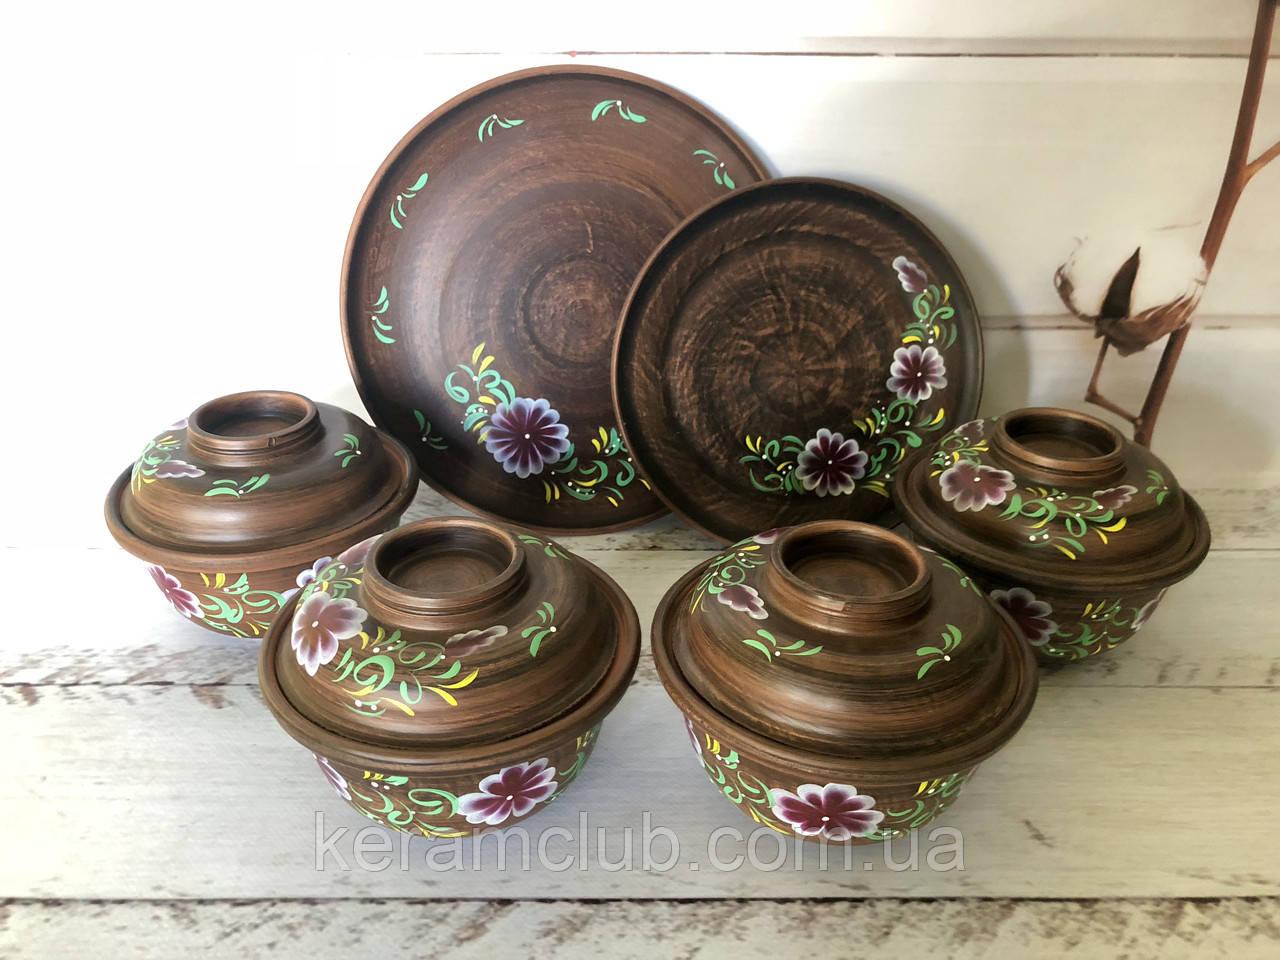 Керамический набор горшочки для запекания 450 мл + тарелки 20 см, 25 см